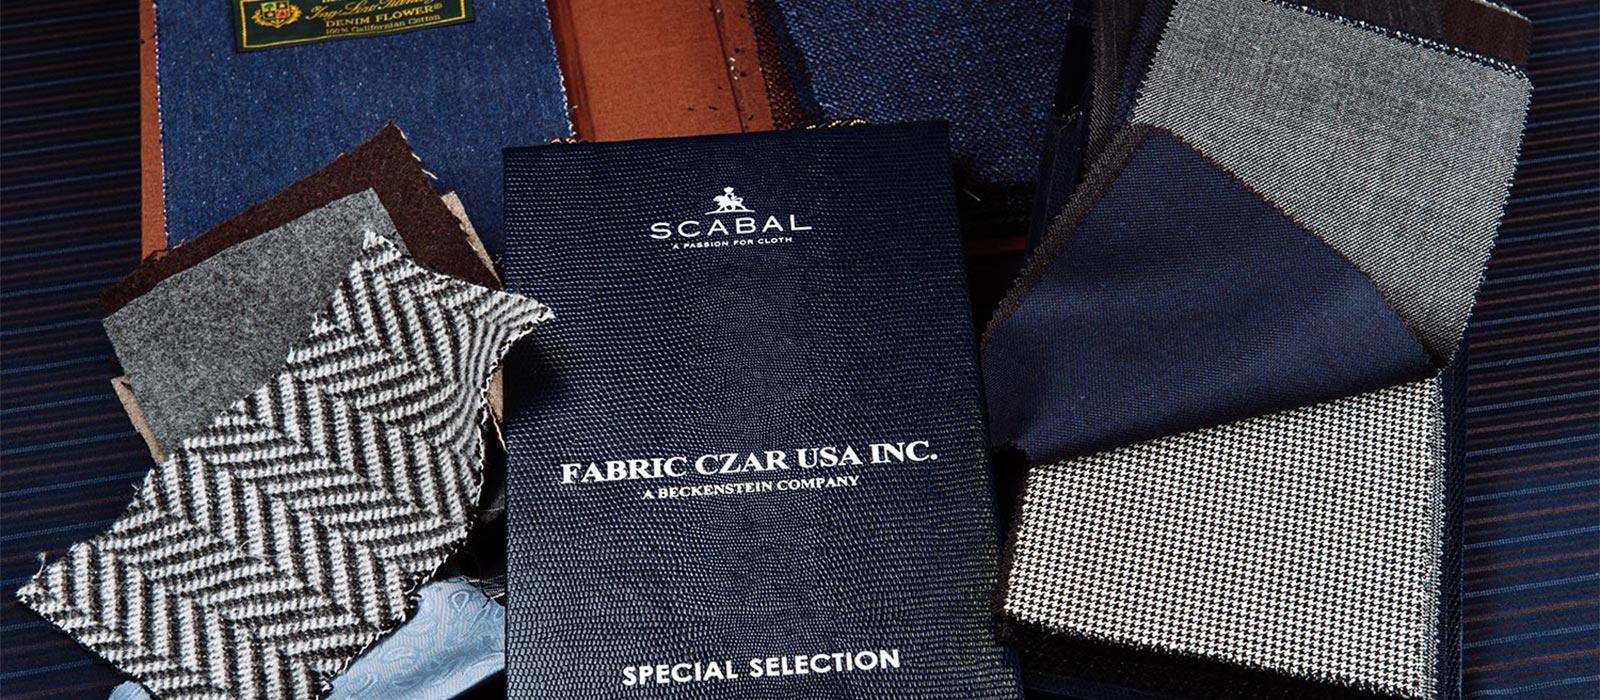 fabric-czar-slide7